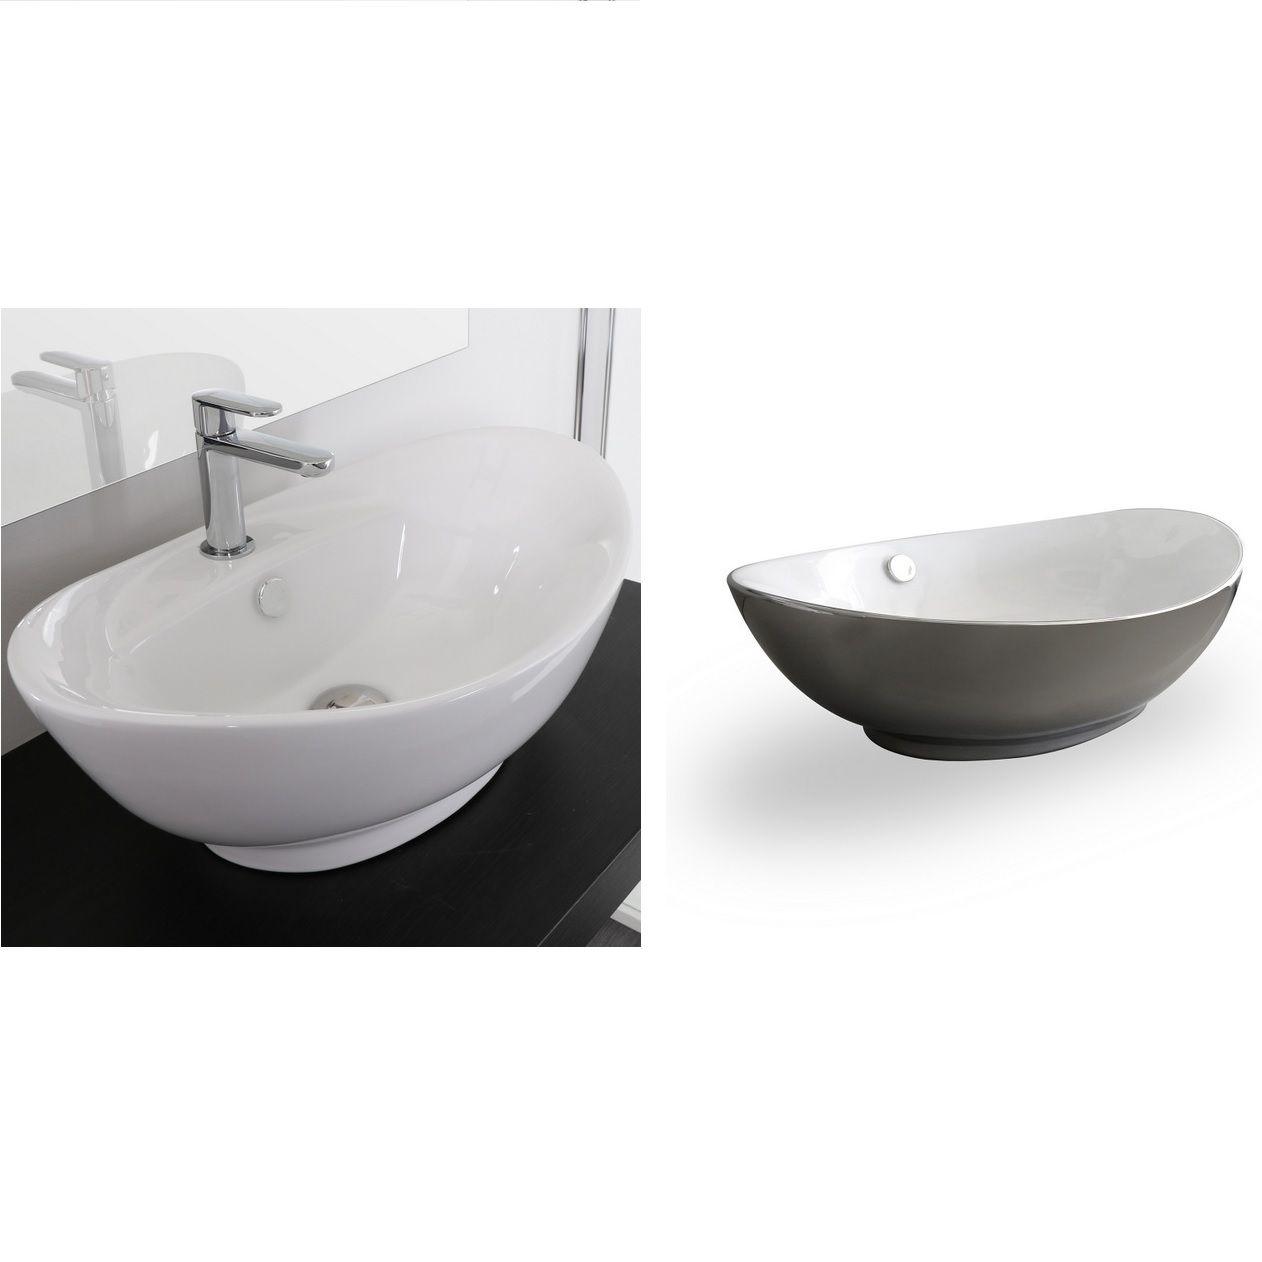 lavabo da appoggio ovale 59x39 60x37 in ceramica bianco o argento modello maria. Black Bedroom Furniture Sets. Home Design Ideas